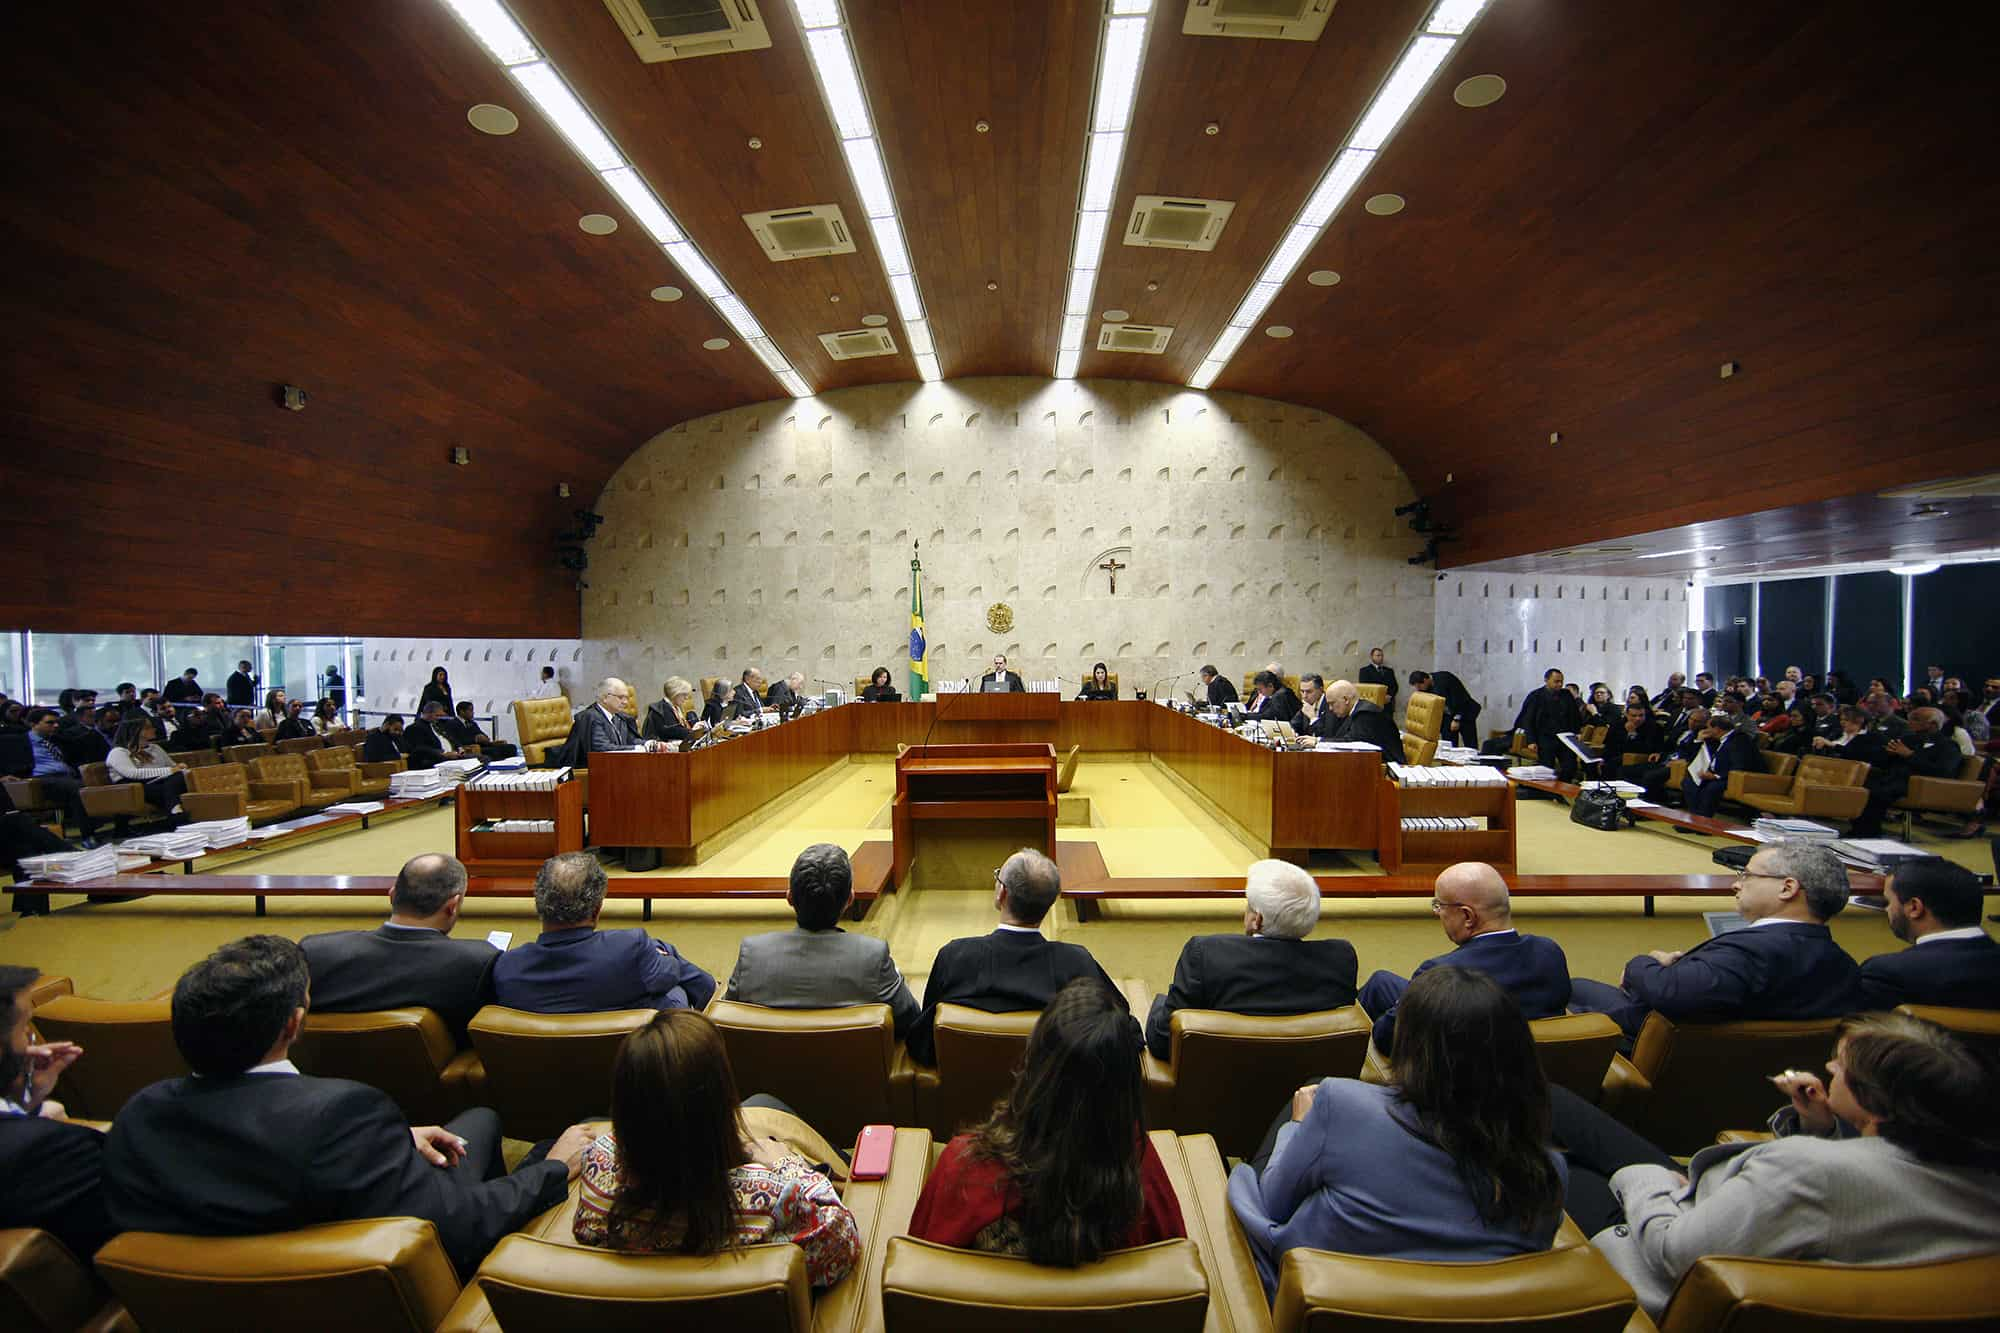 Auxílio emergencial: MPF pressiona governo sobre dificuldade em repassar R$600 (Imagem: Reprodução - Google)